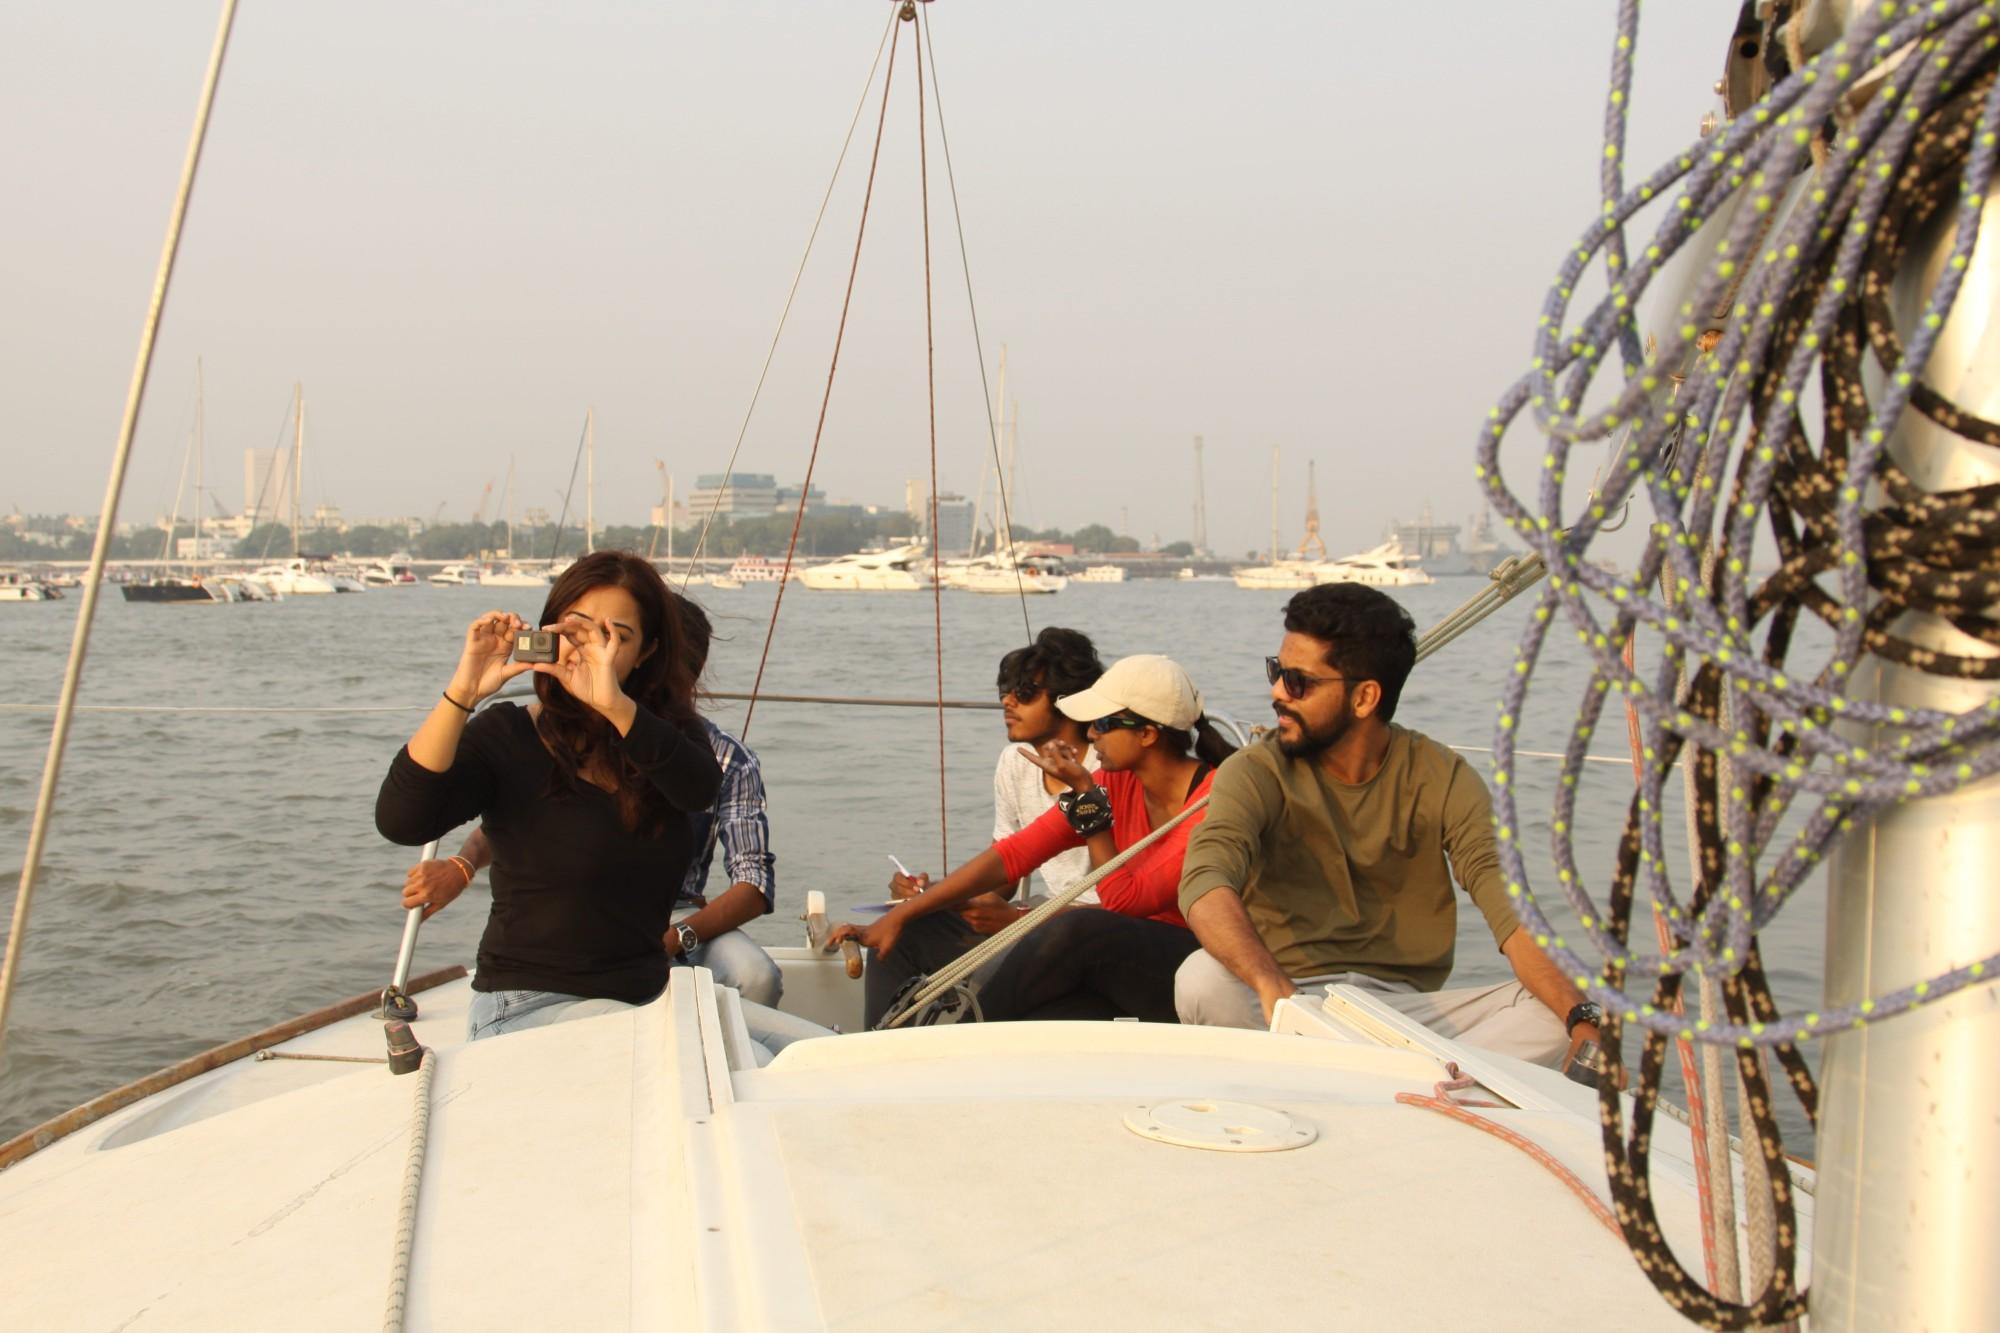 Enjoying the cruise - mumbai sailing